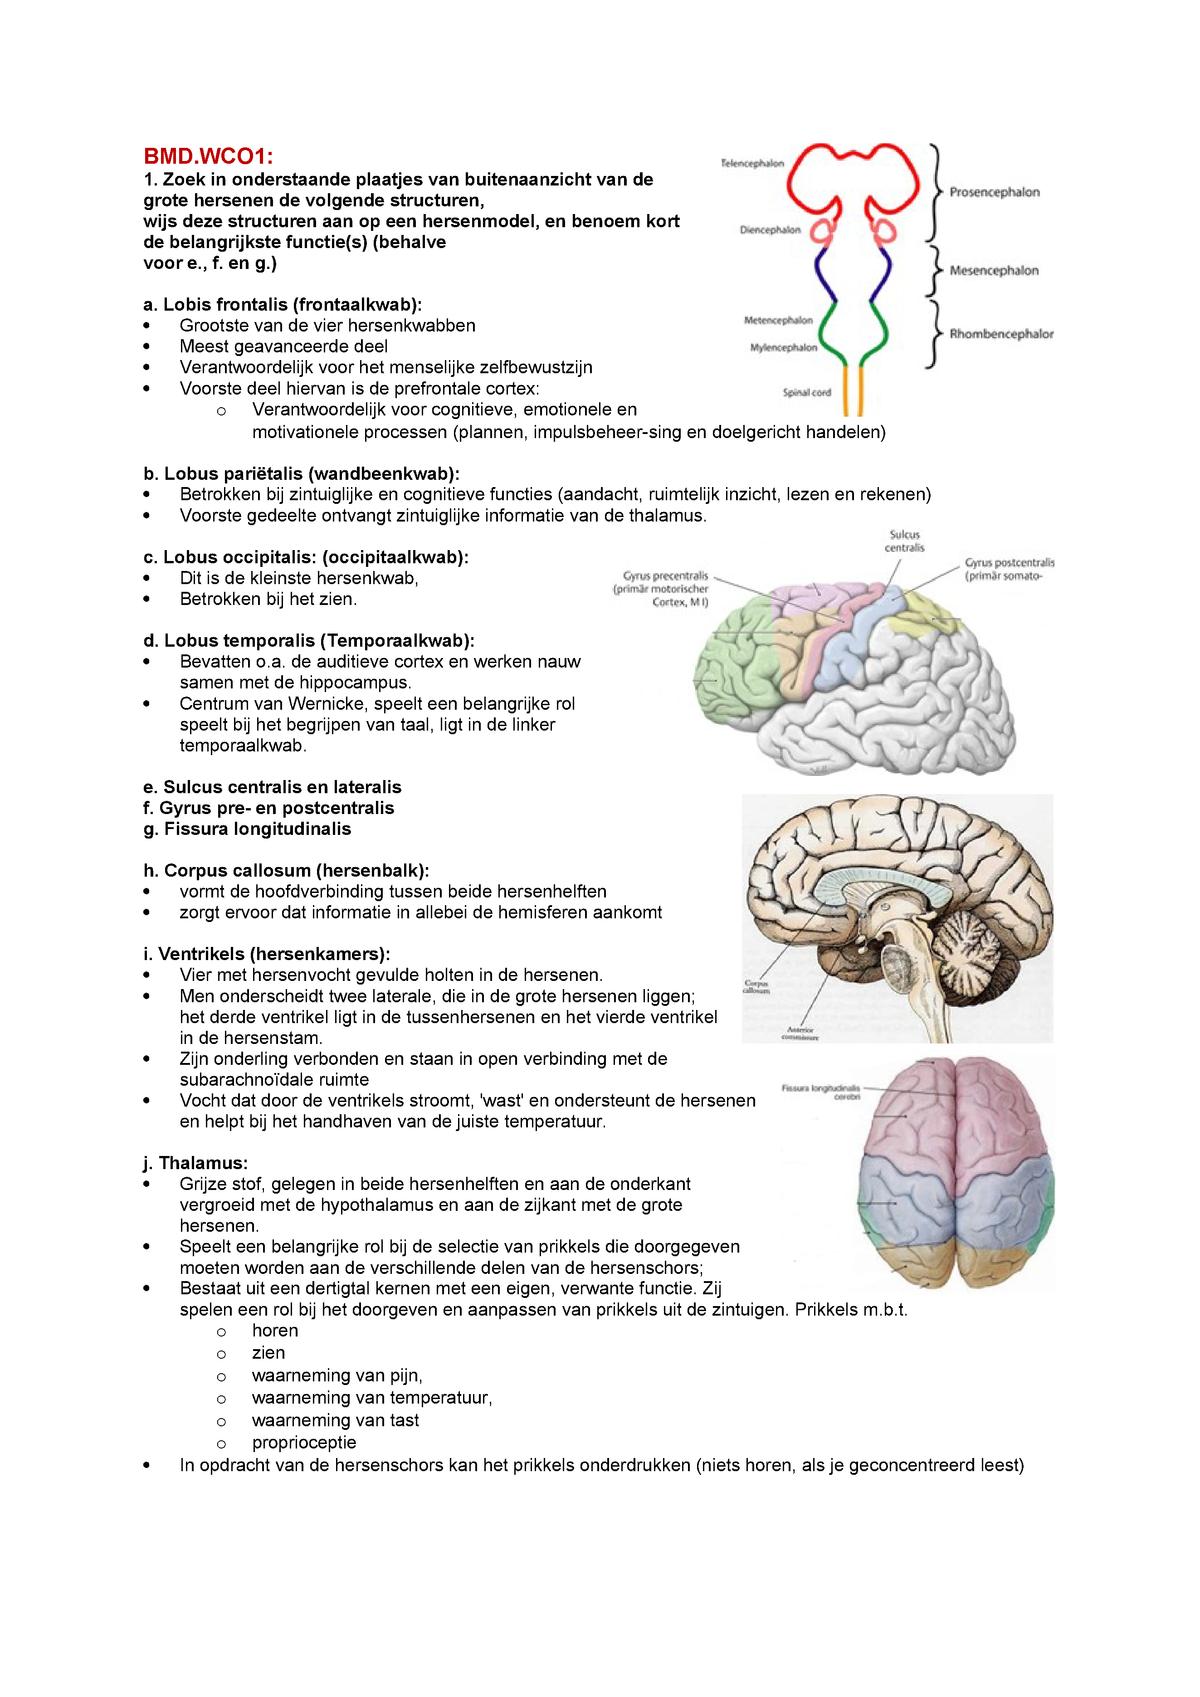 Aantekeningen Werkcollege Bmd1a Biomedisch Studeersnel